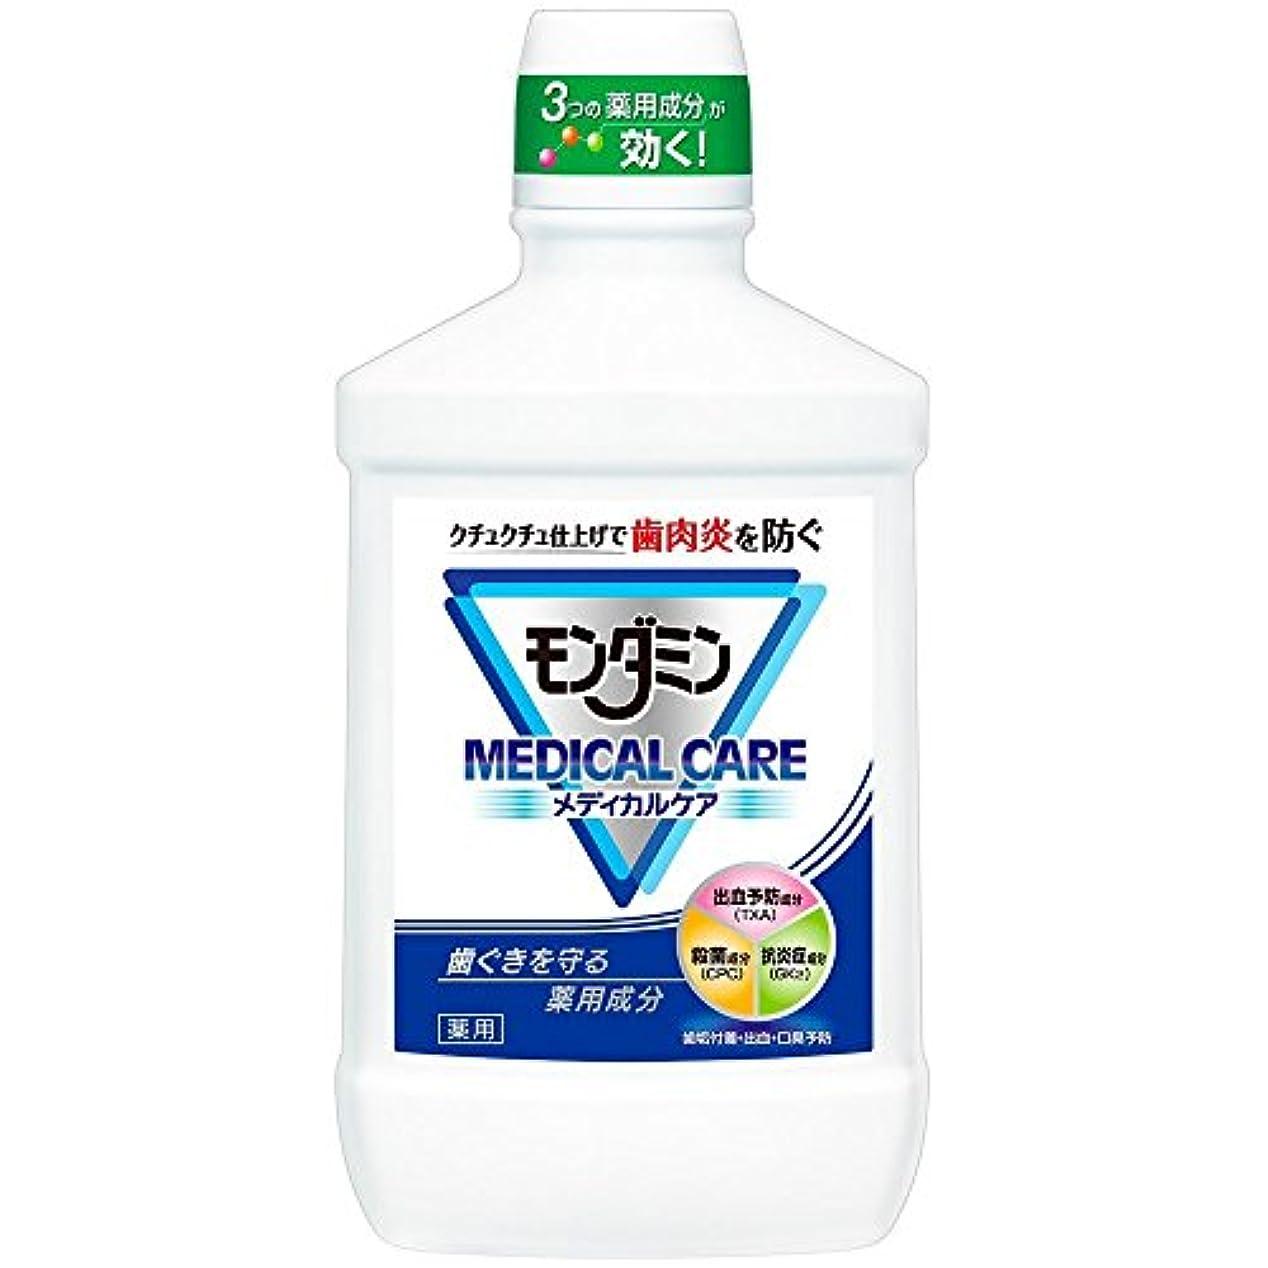 【アース製薬】モンダミン メディカルケア 1000ml ×5個セット